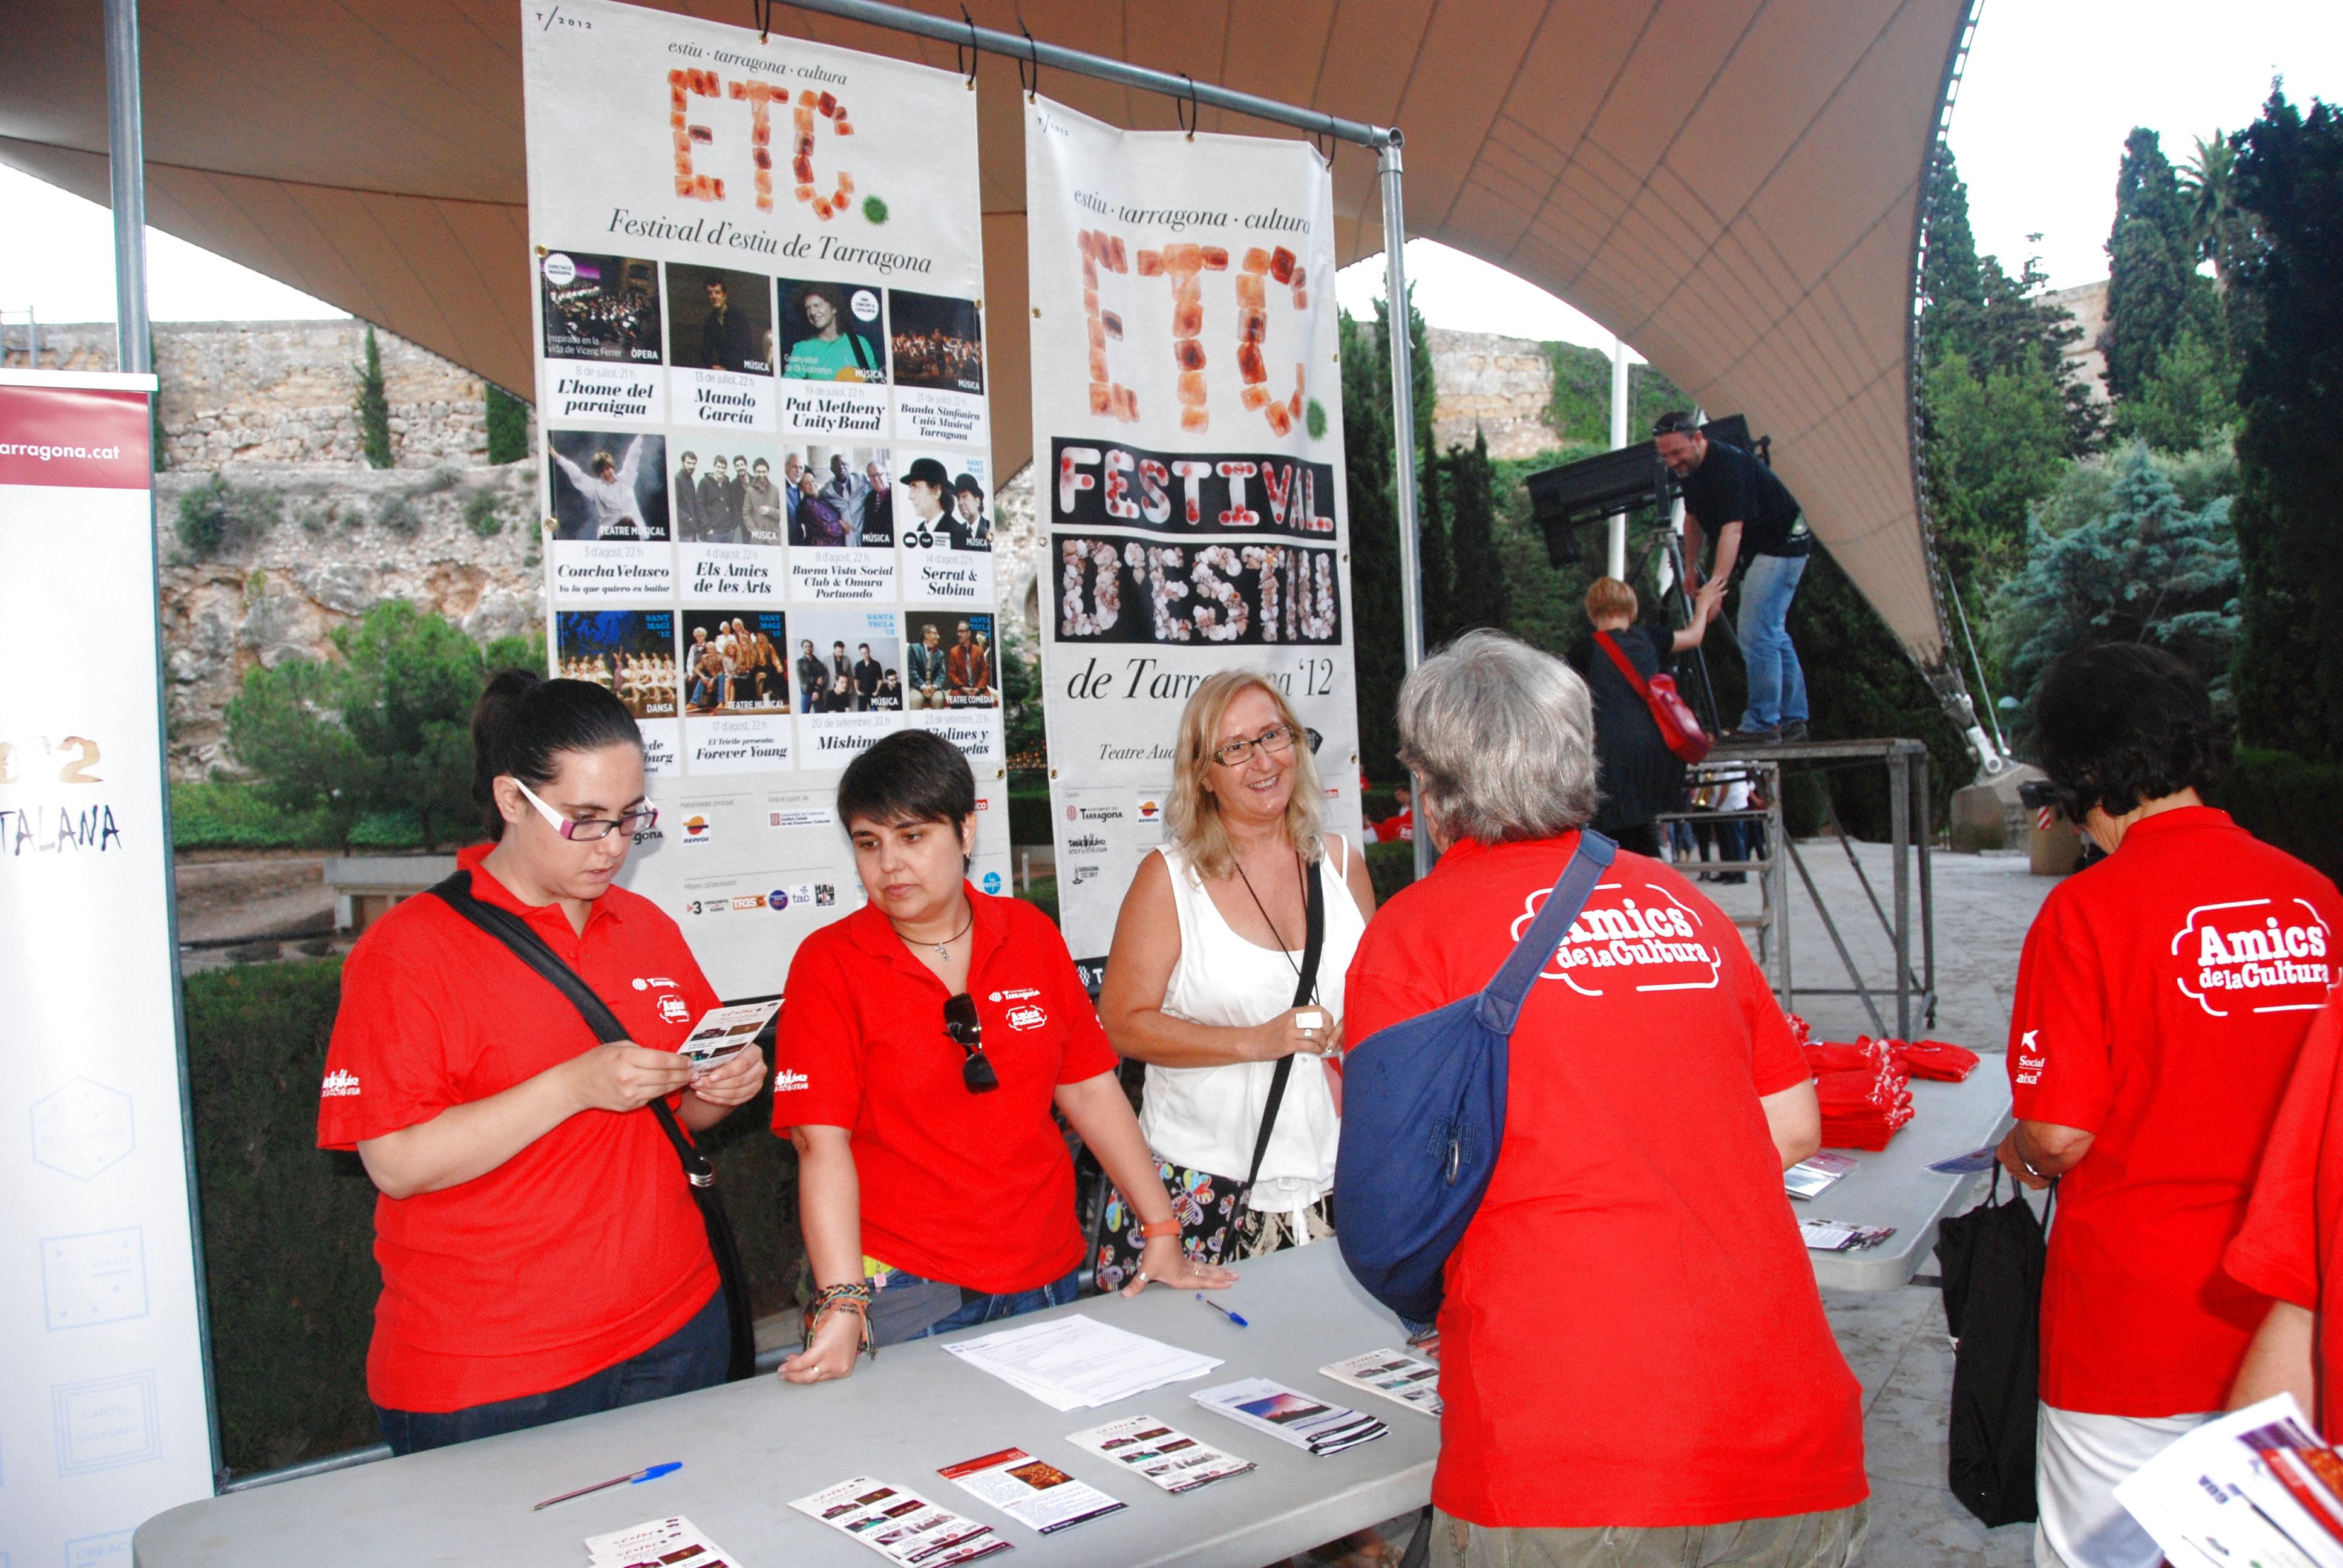 Els Amics de la Cultura col·laboren amb el Festival ETC